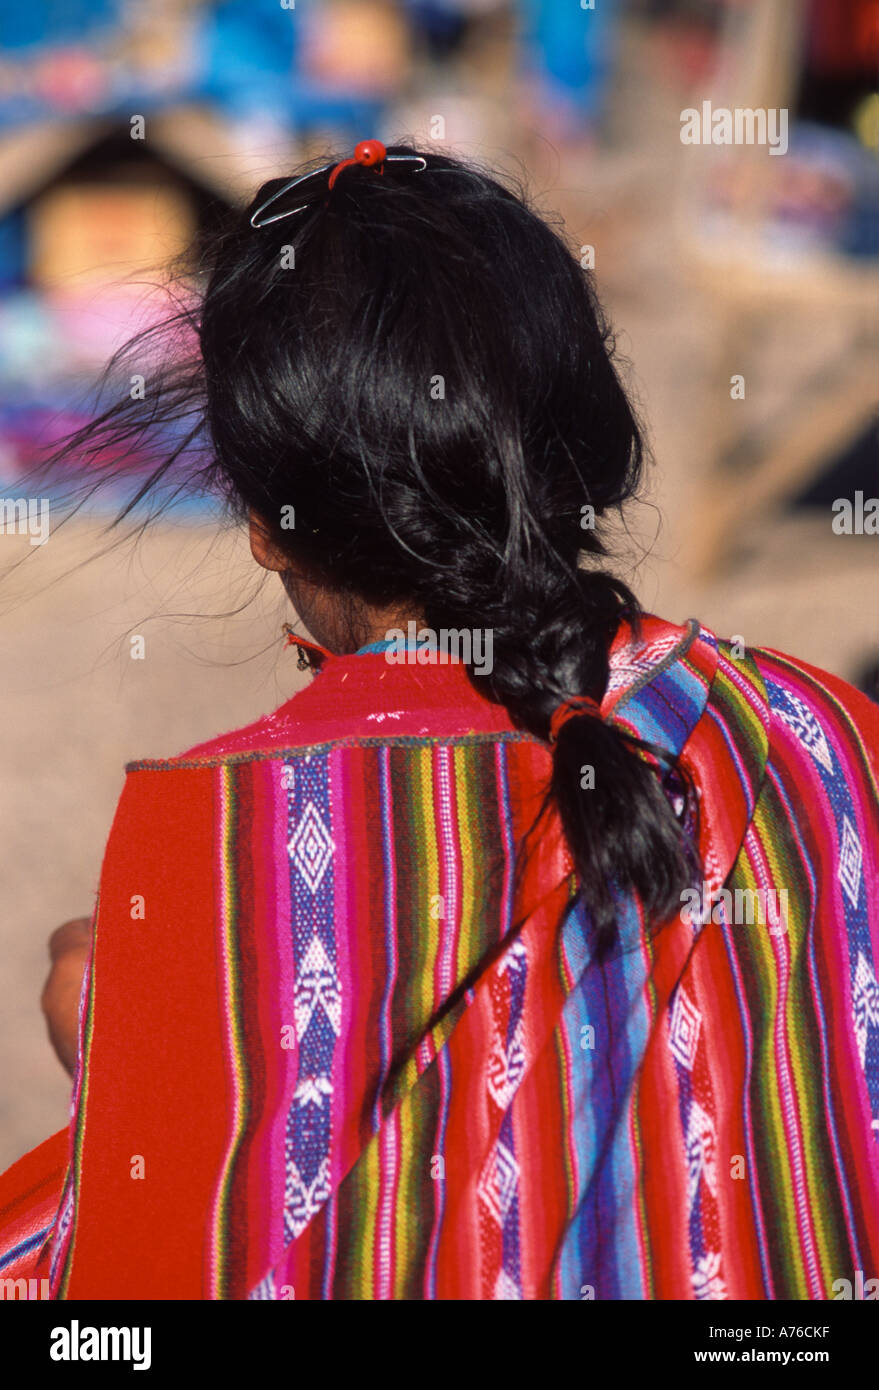 Giovane donna Quechuan ragazza con i capelli intrecciati e colorati abiti tradizionali , vicino a Cusco, Perù Immagini Stock